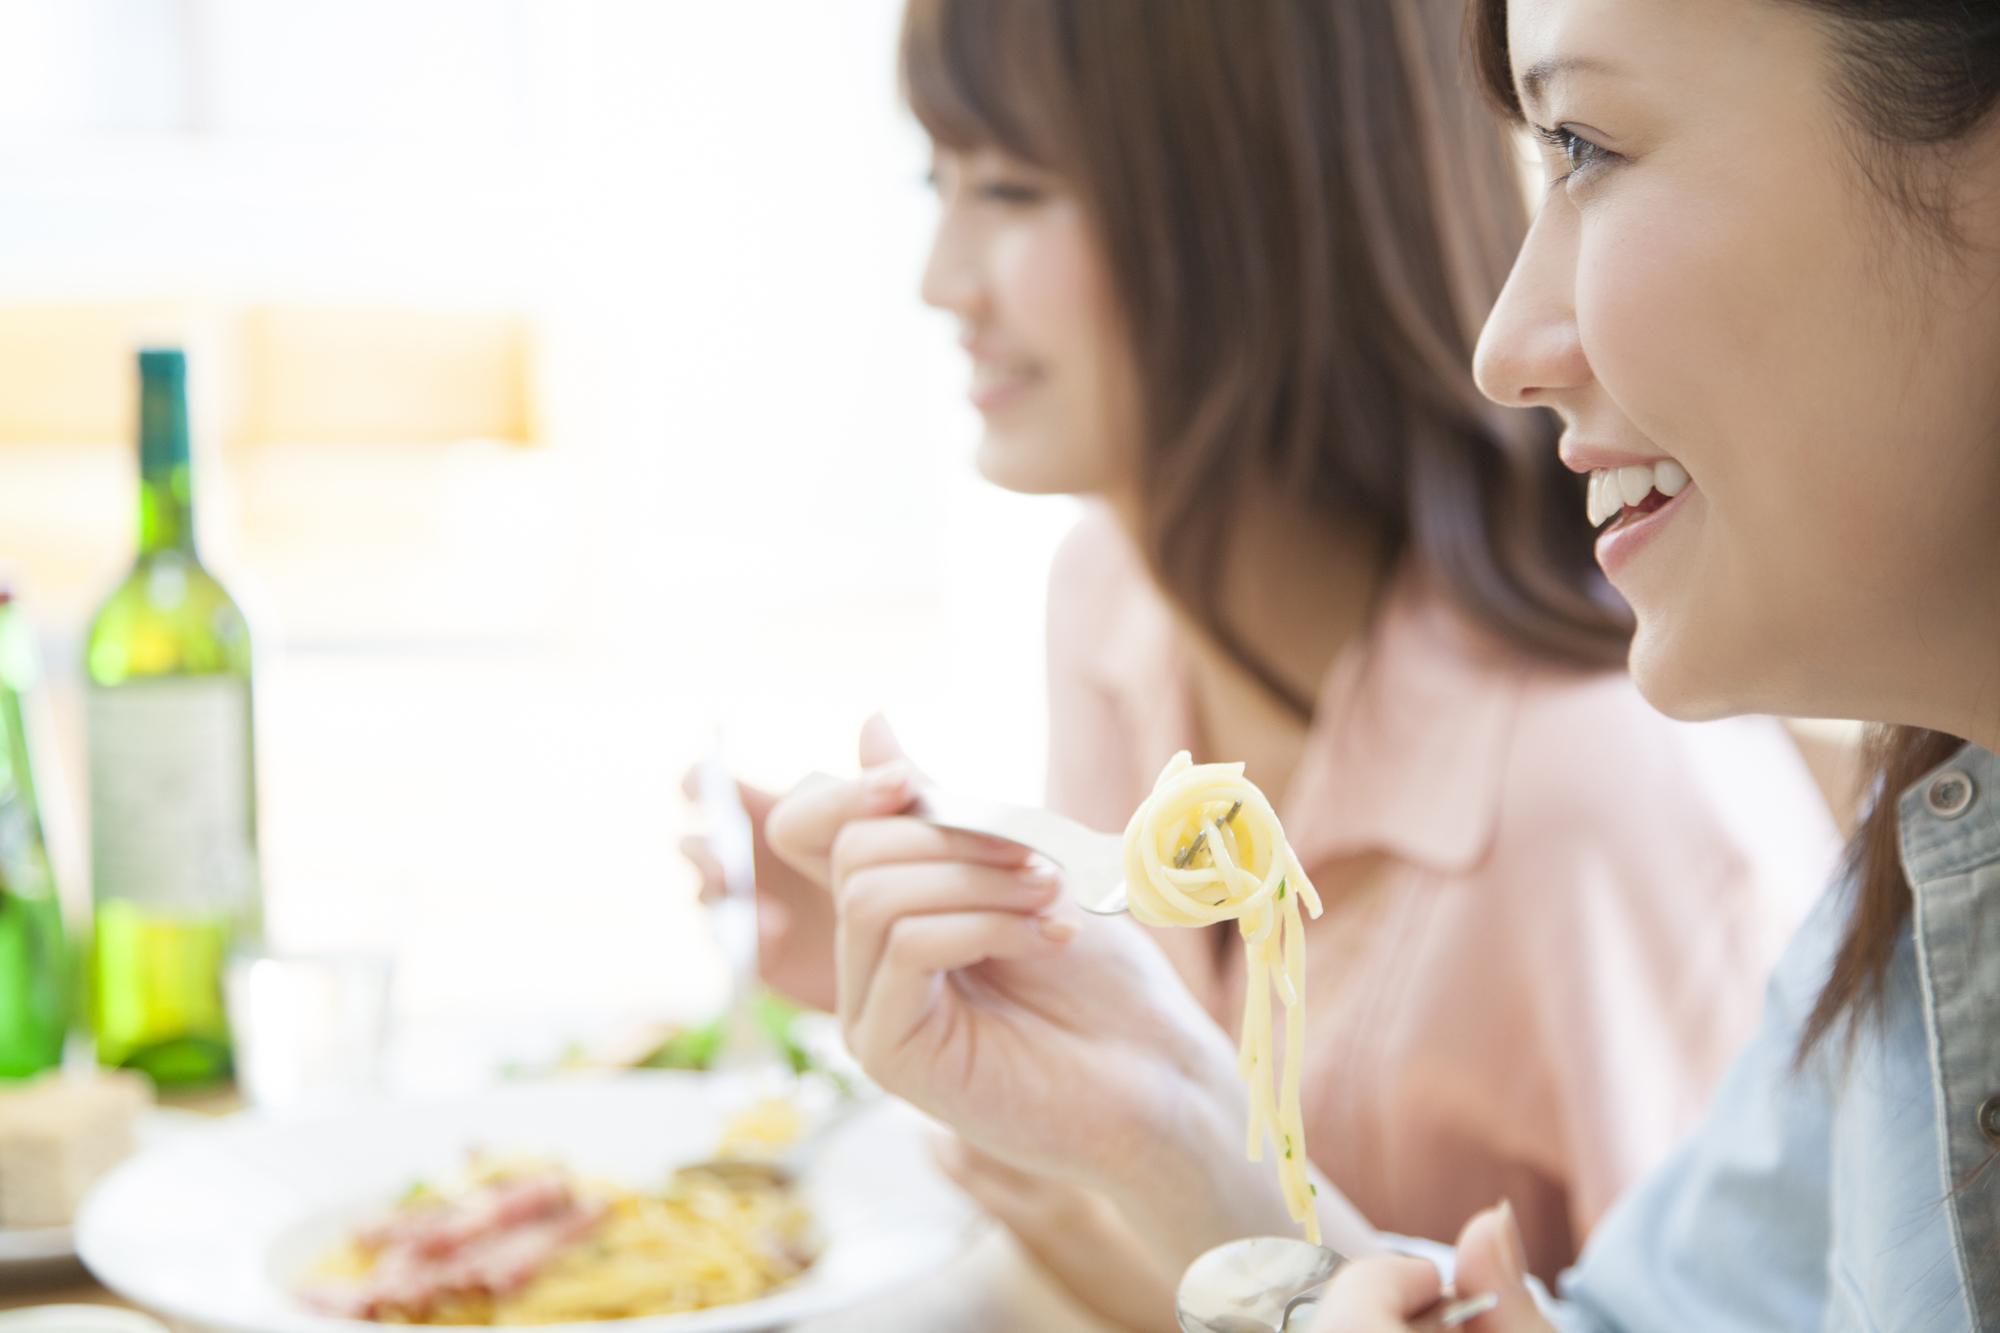 女性二人がパスタを食べている